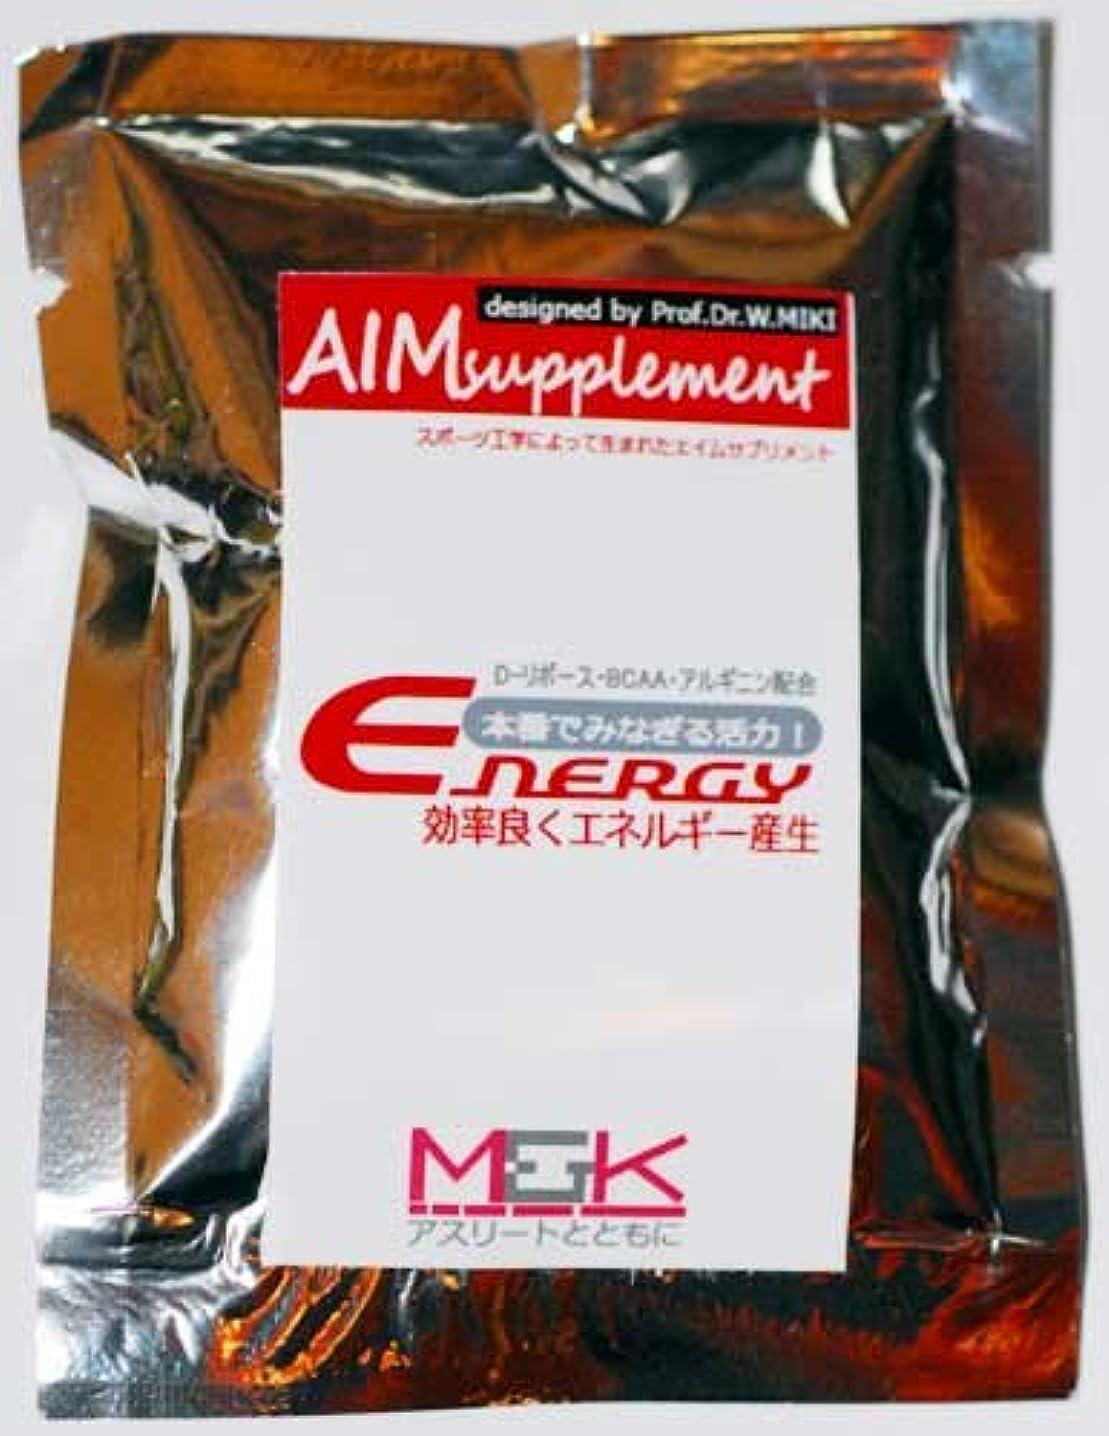 光沢のある親指若いM&K エイムサプリメント エナジー(D-リボース?BCAA?アルギニン配合)